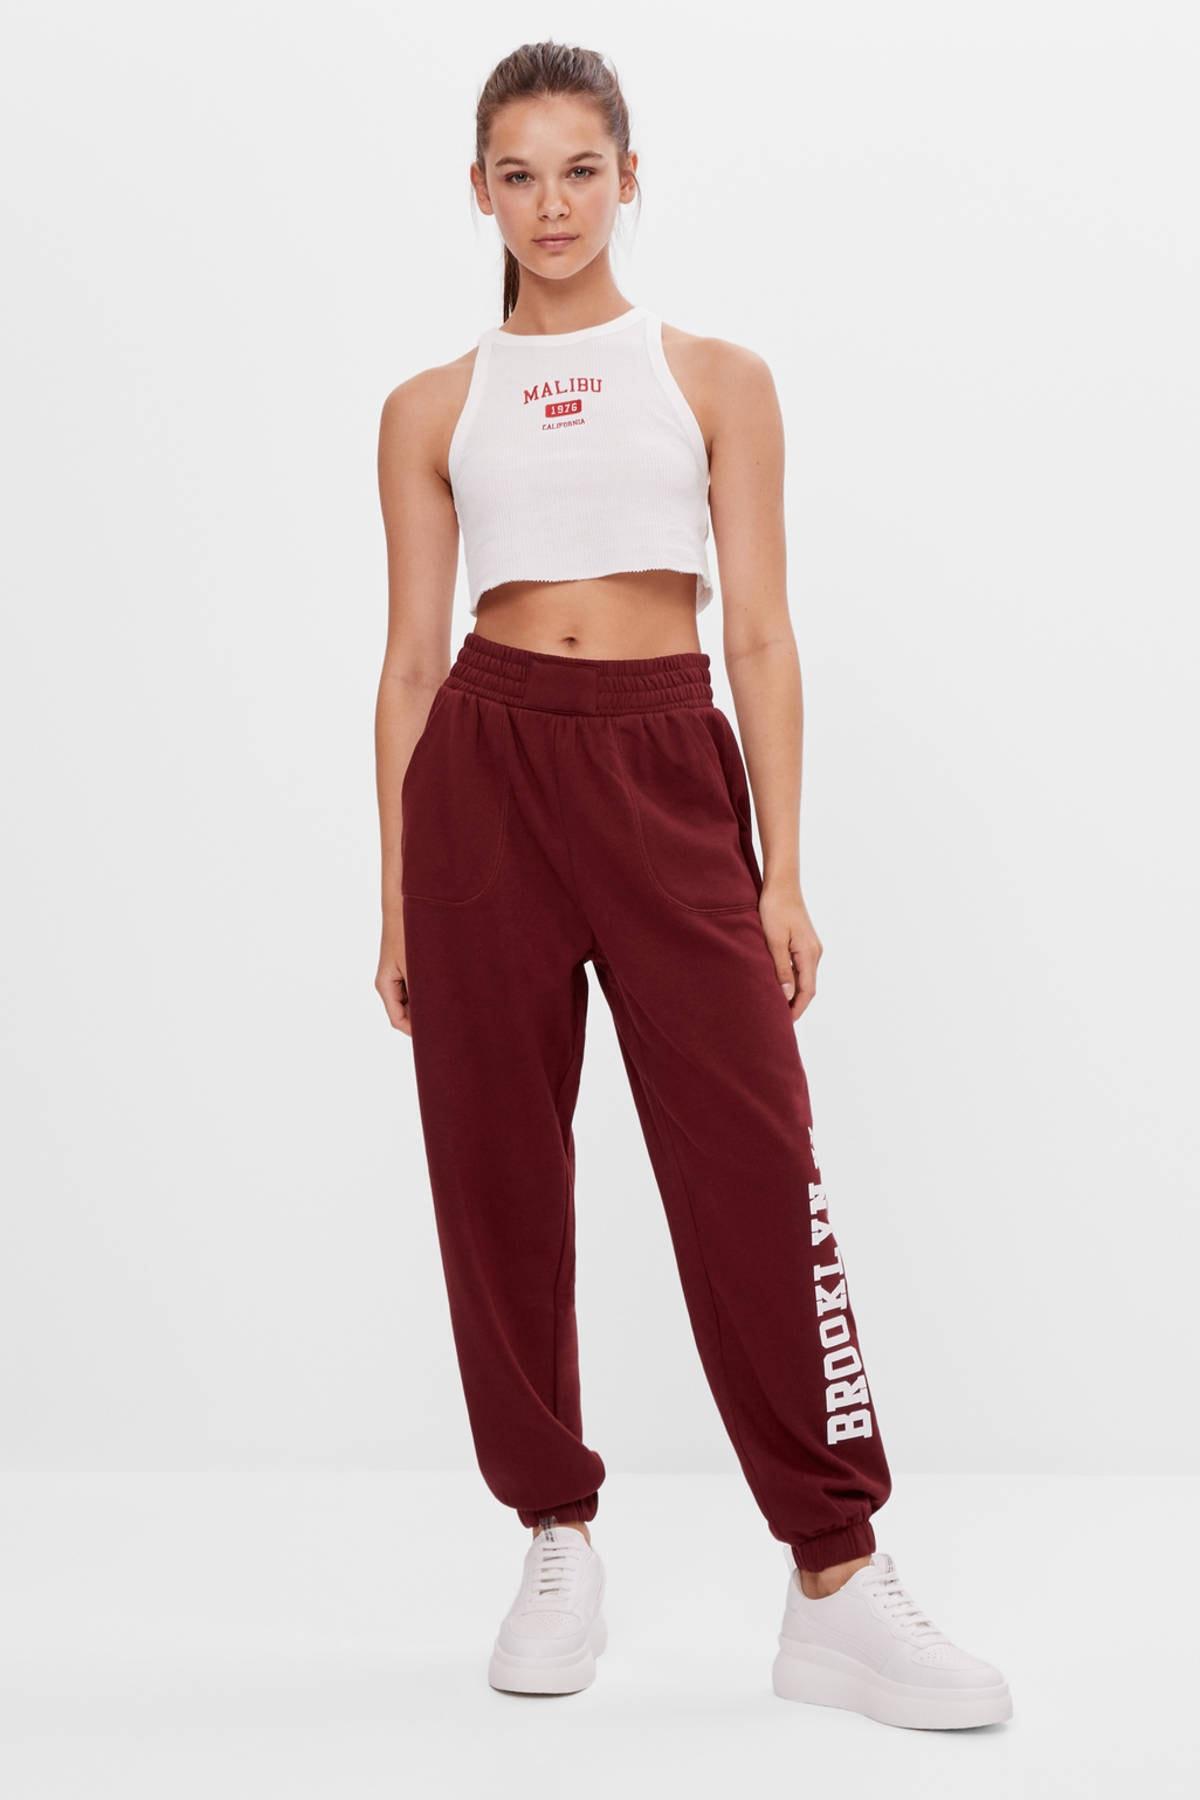 Bershka Kadın Desenli Jogger Pantolon 1